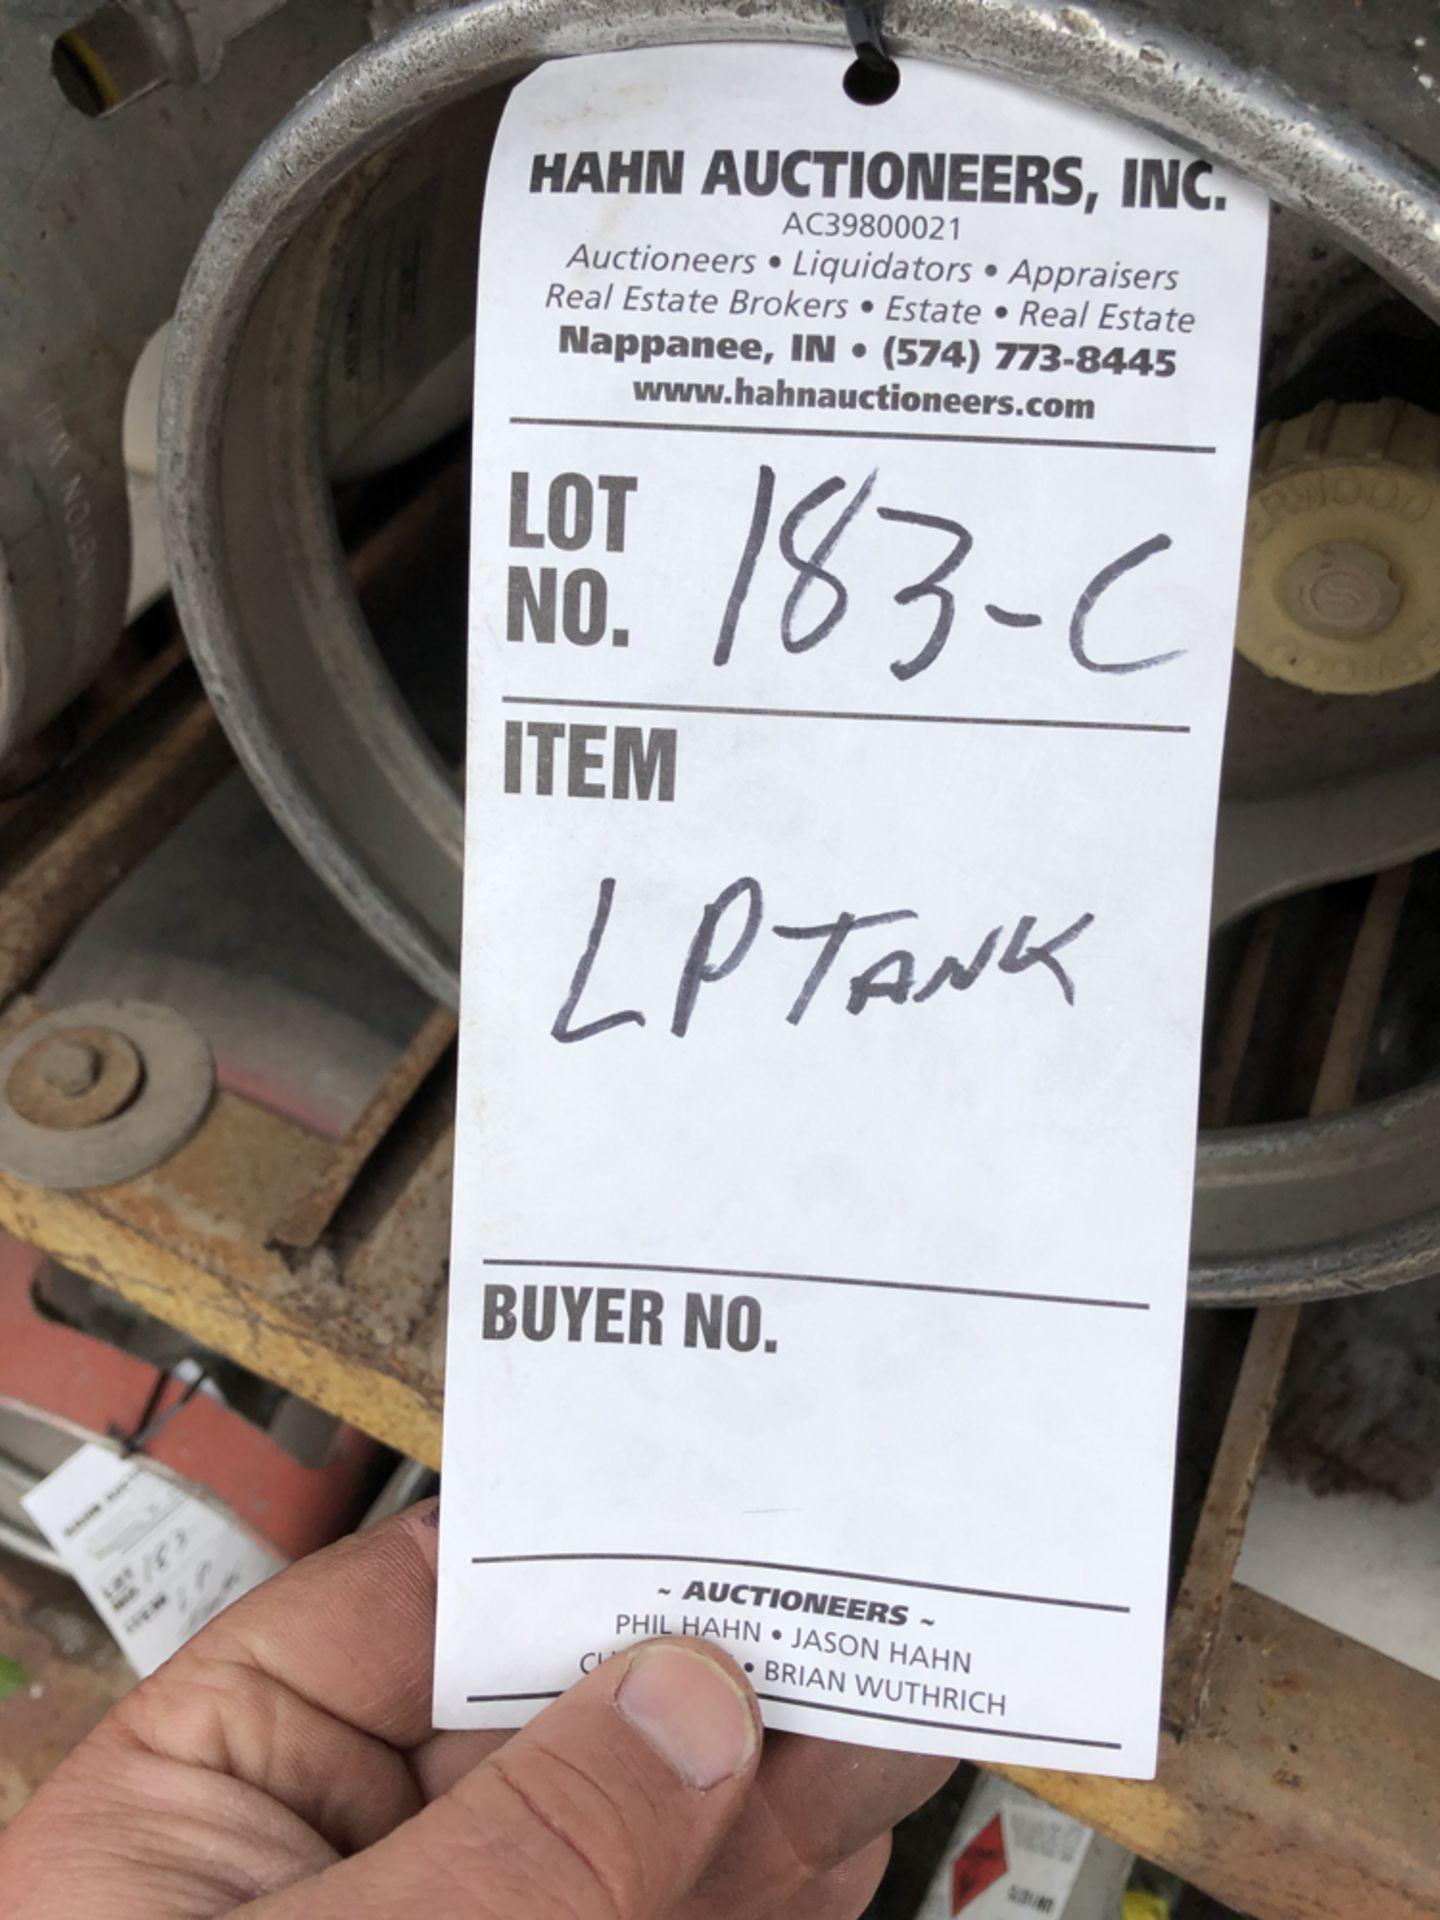 Lot 185c - lp tank